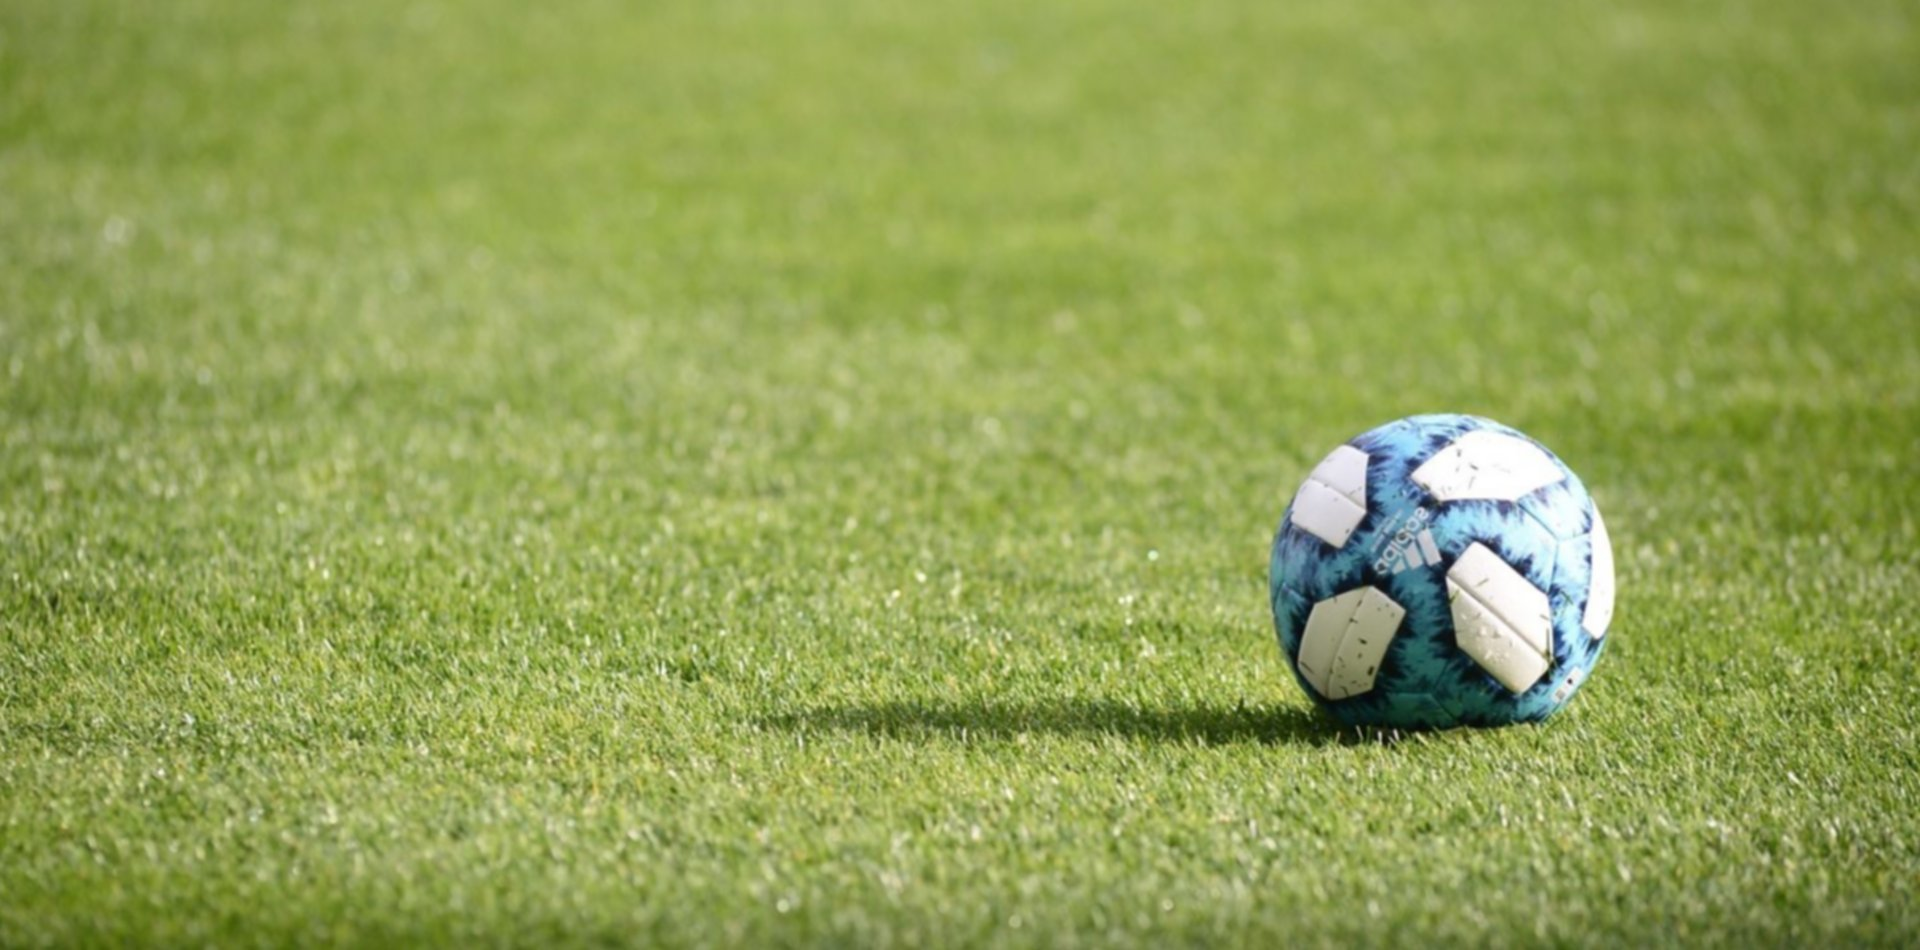 Dirigentes que no deciden y el fútbol no sale de su laberinto